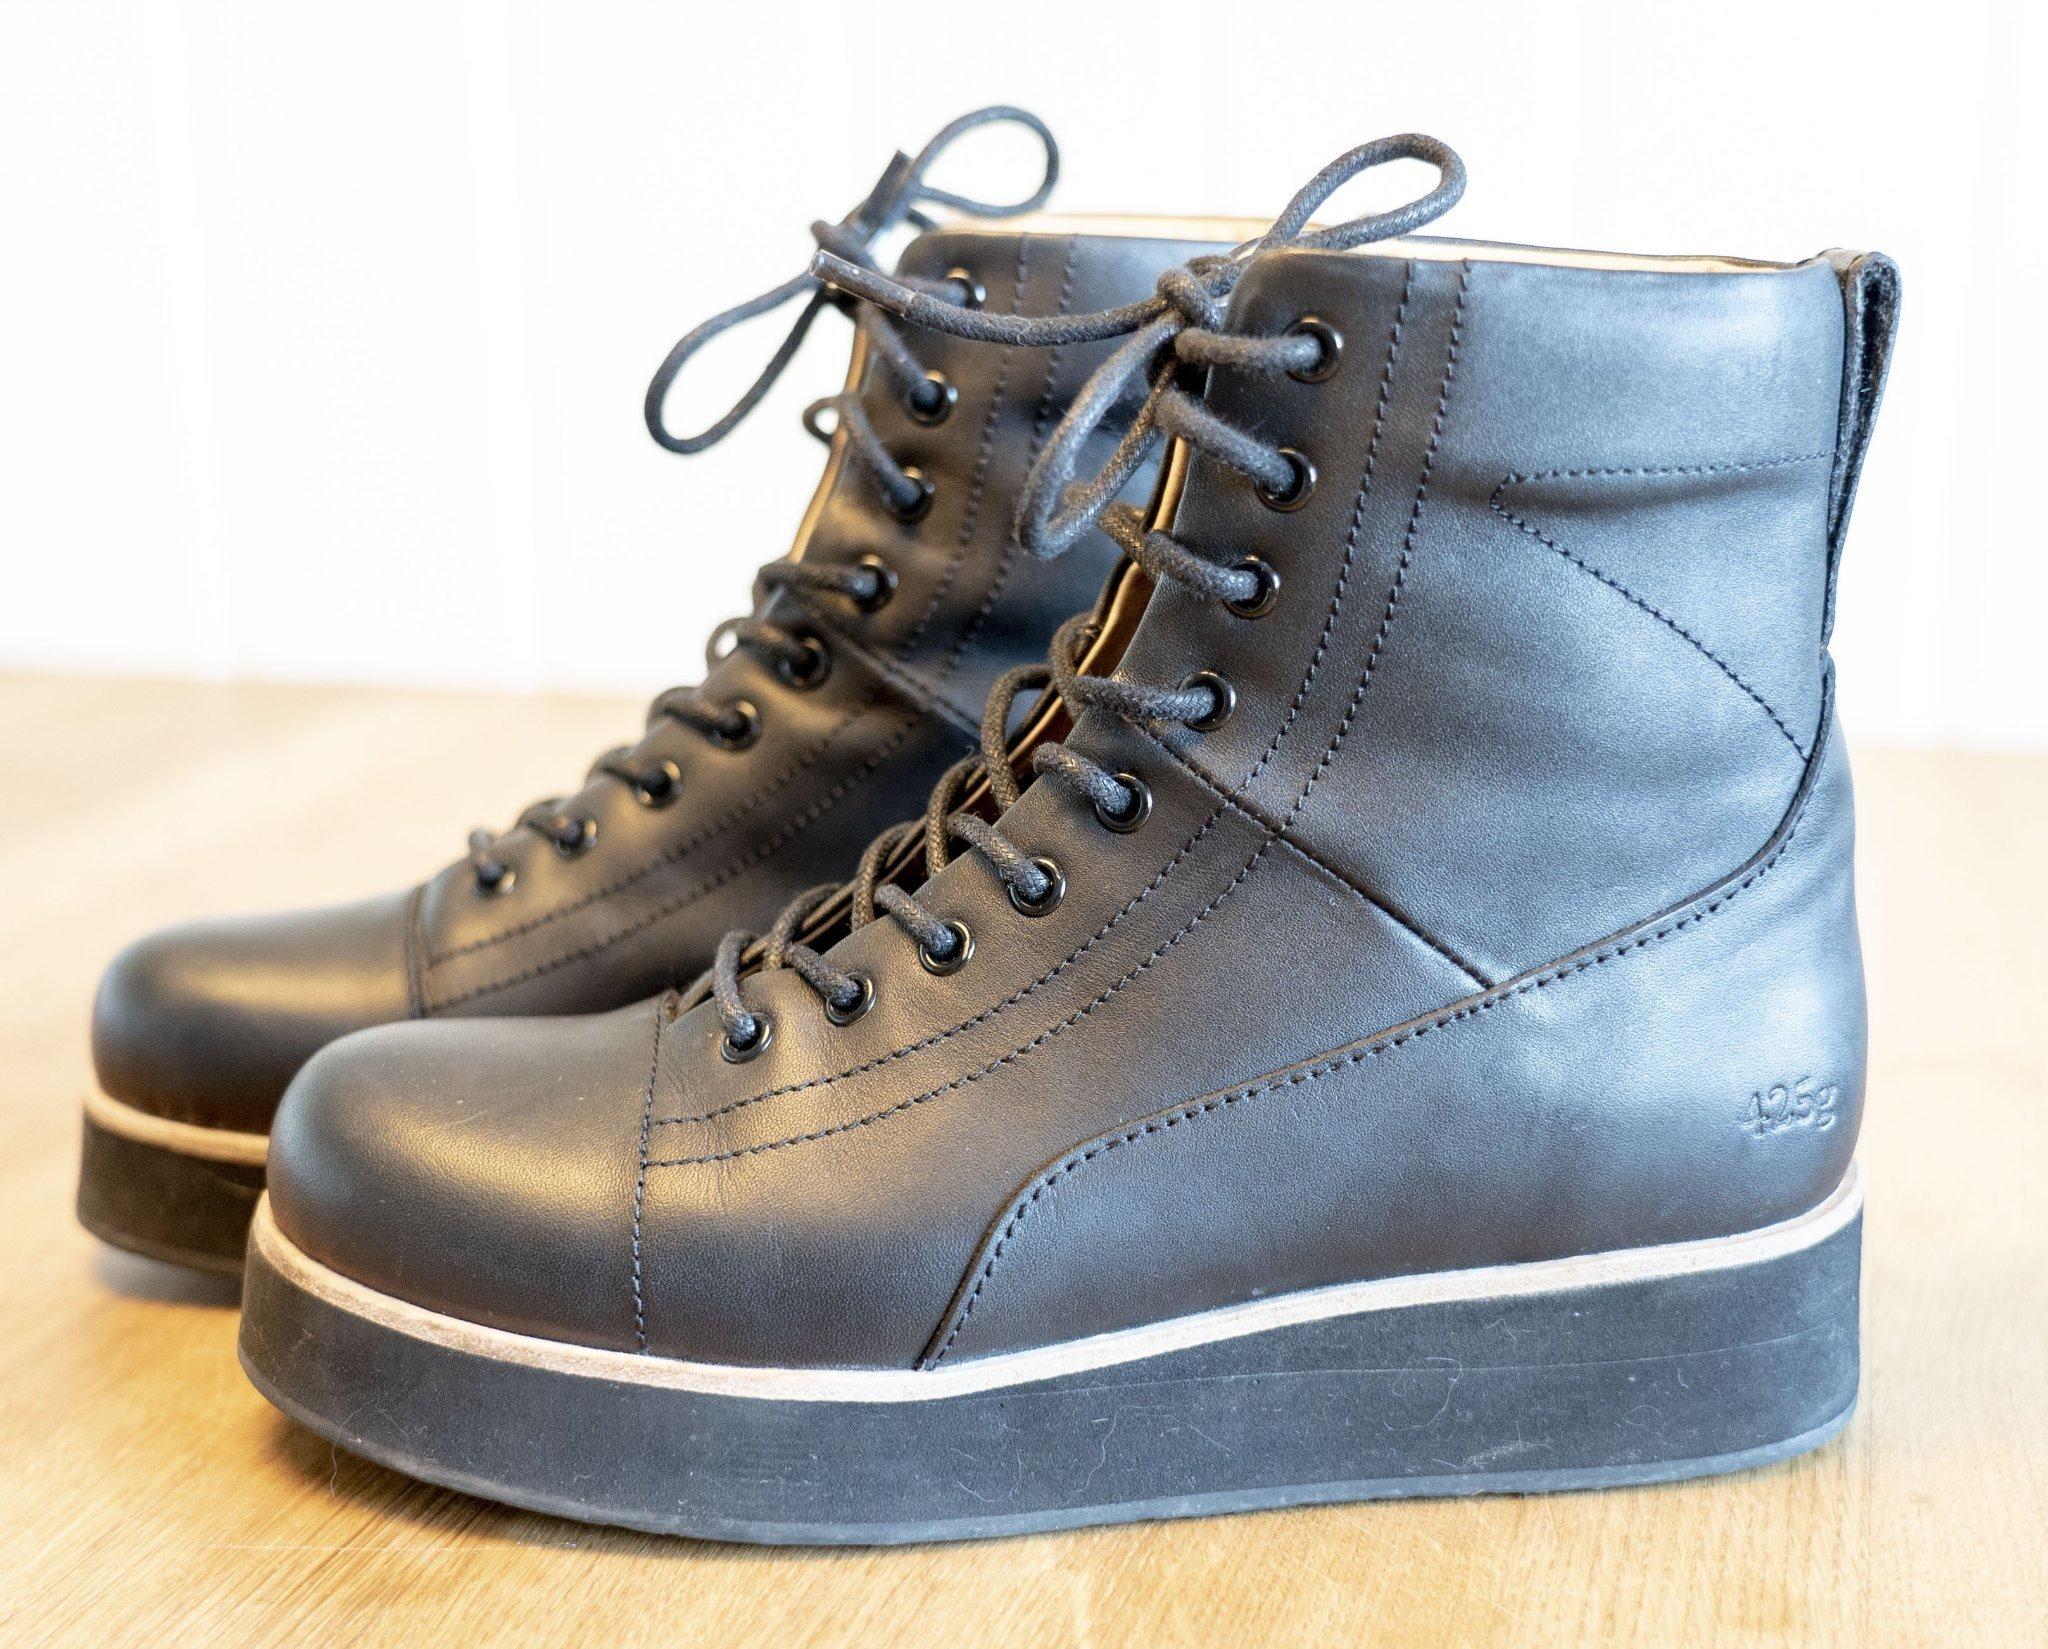 d62abf2c2c0 Gram svarta skor/kängor 425 g storlek 36 (344320352) ᐈ Köp på Tradera